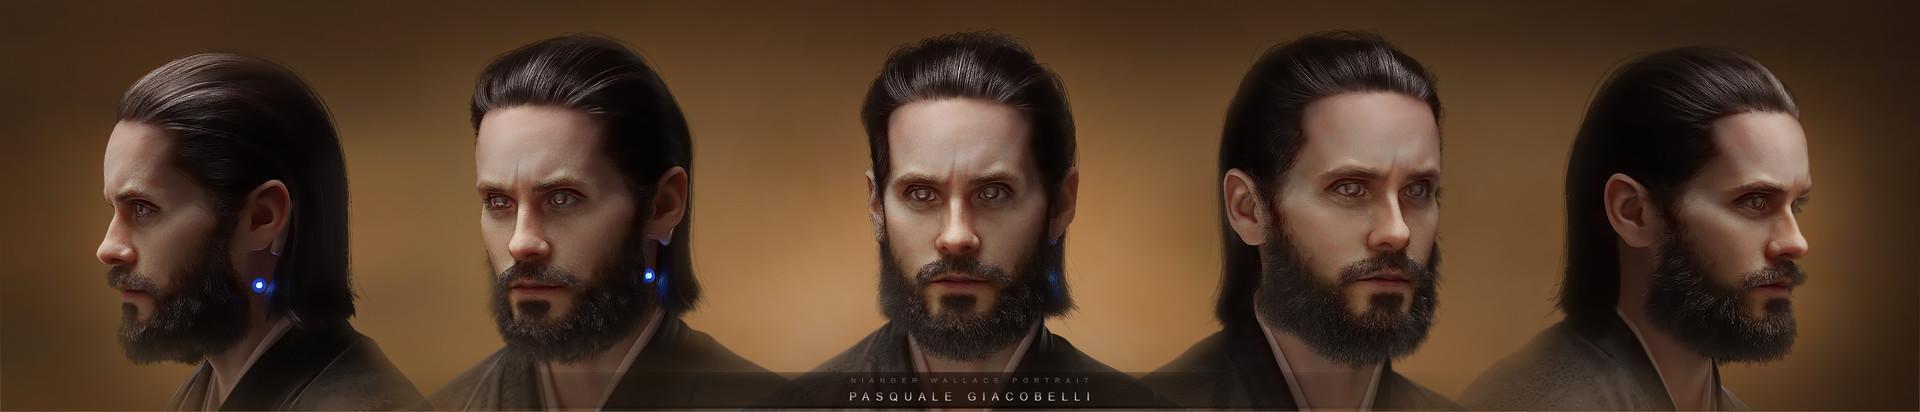 pasquale-giacobelli-turnaround-01 (1).jpg